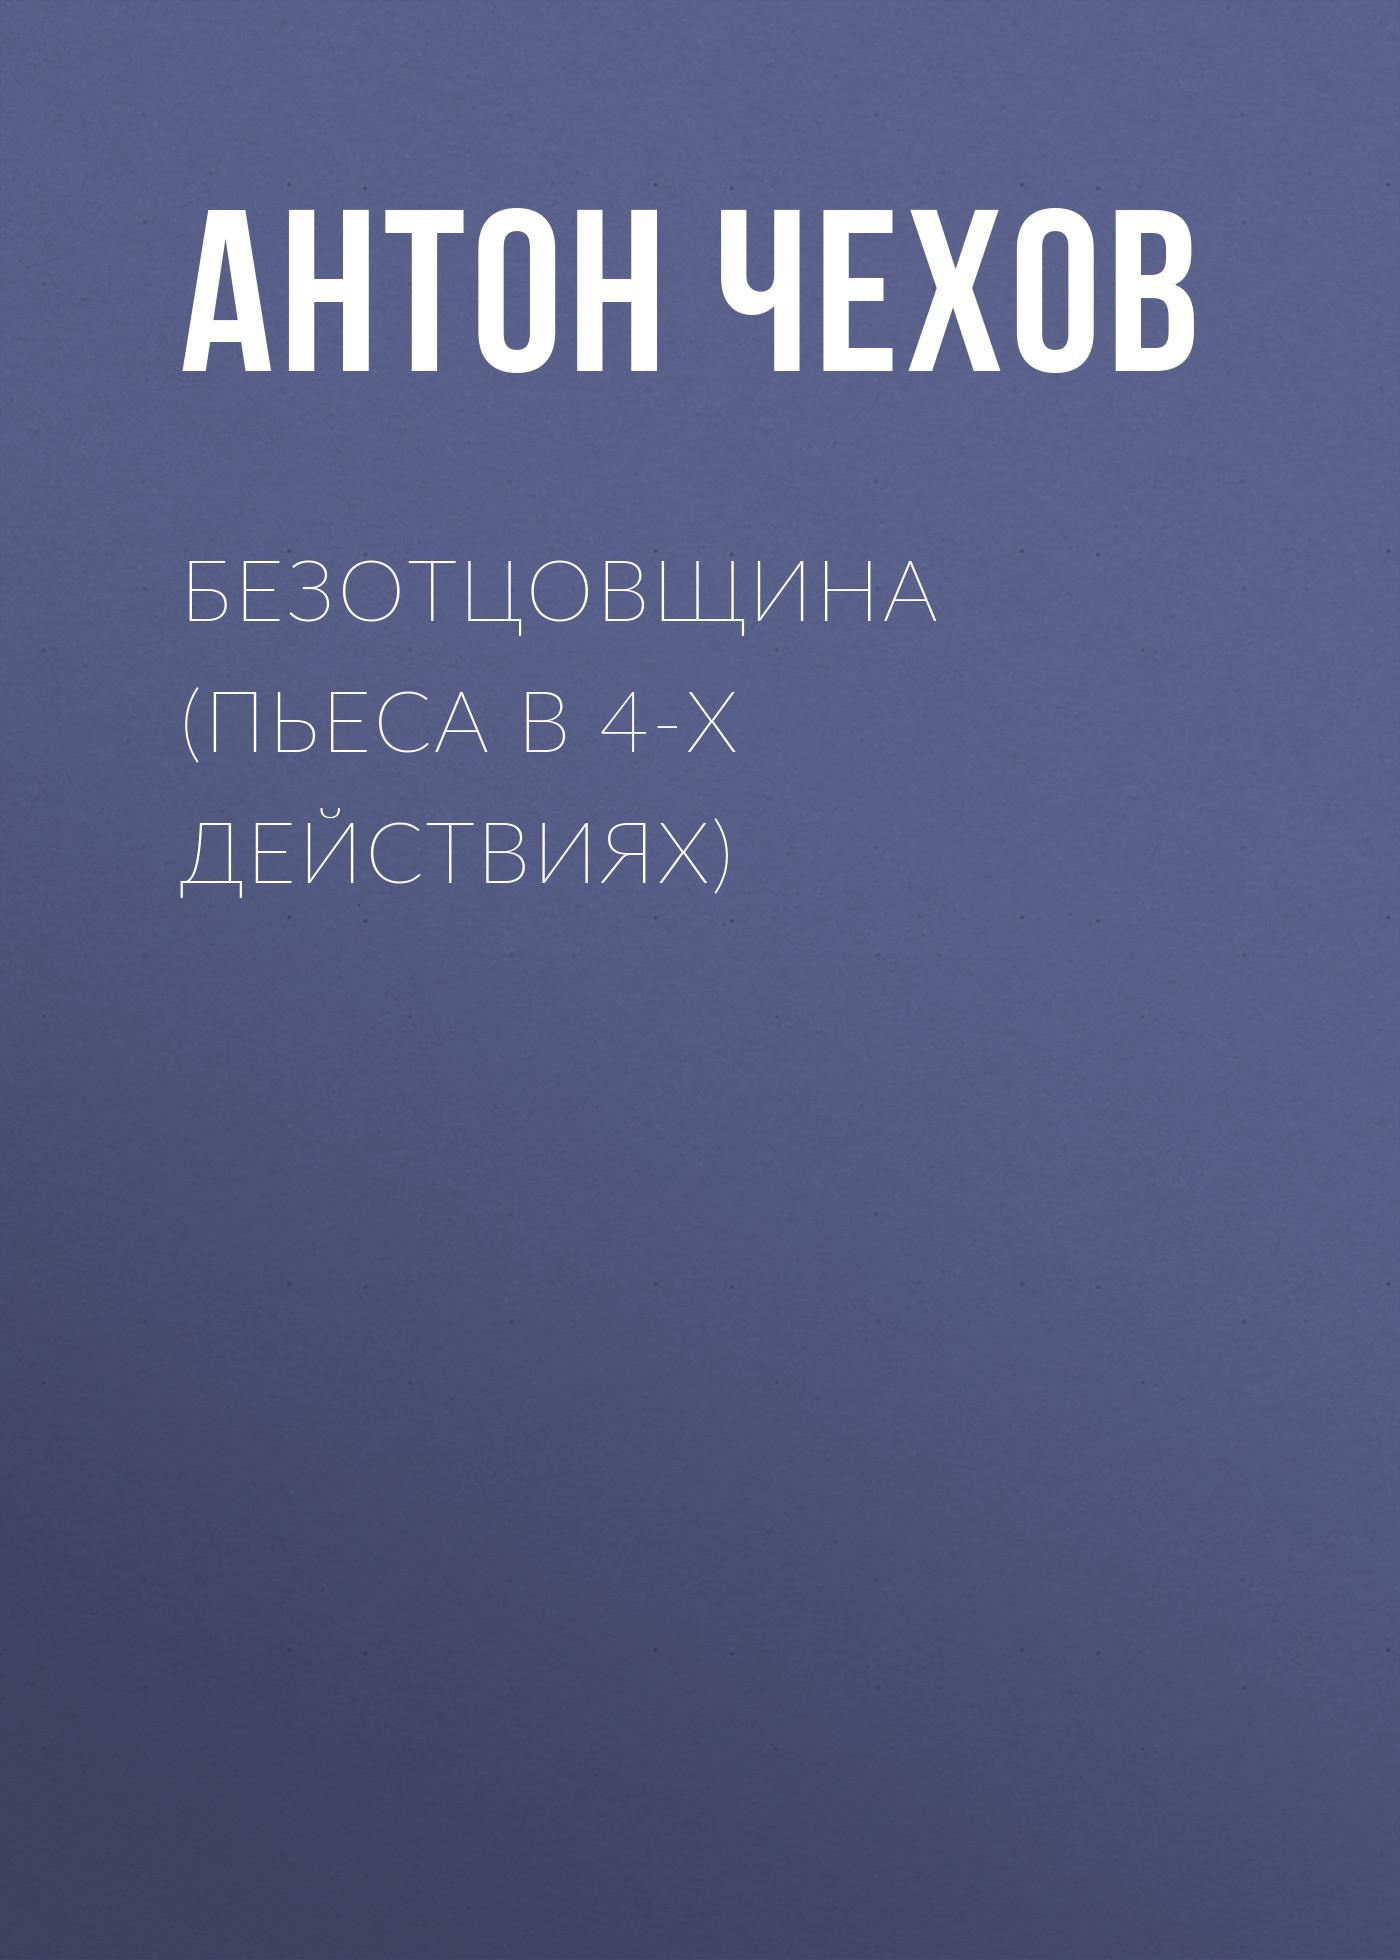 Антон Чехов Безотцовщина (пьеса в 4-х действиях) колкотин е метаморфоза пьеса в четырех действиях